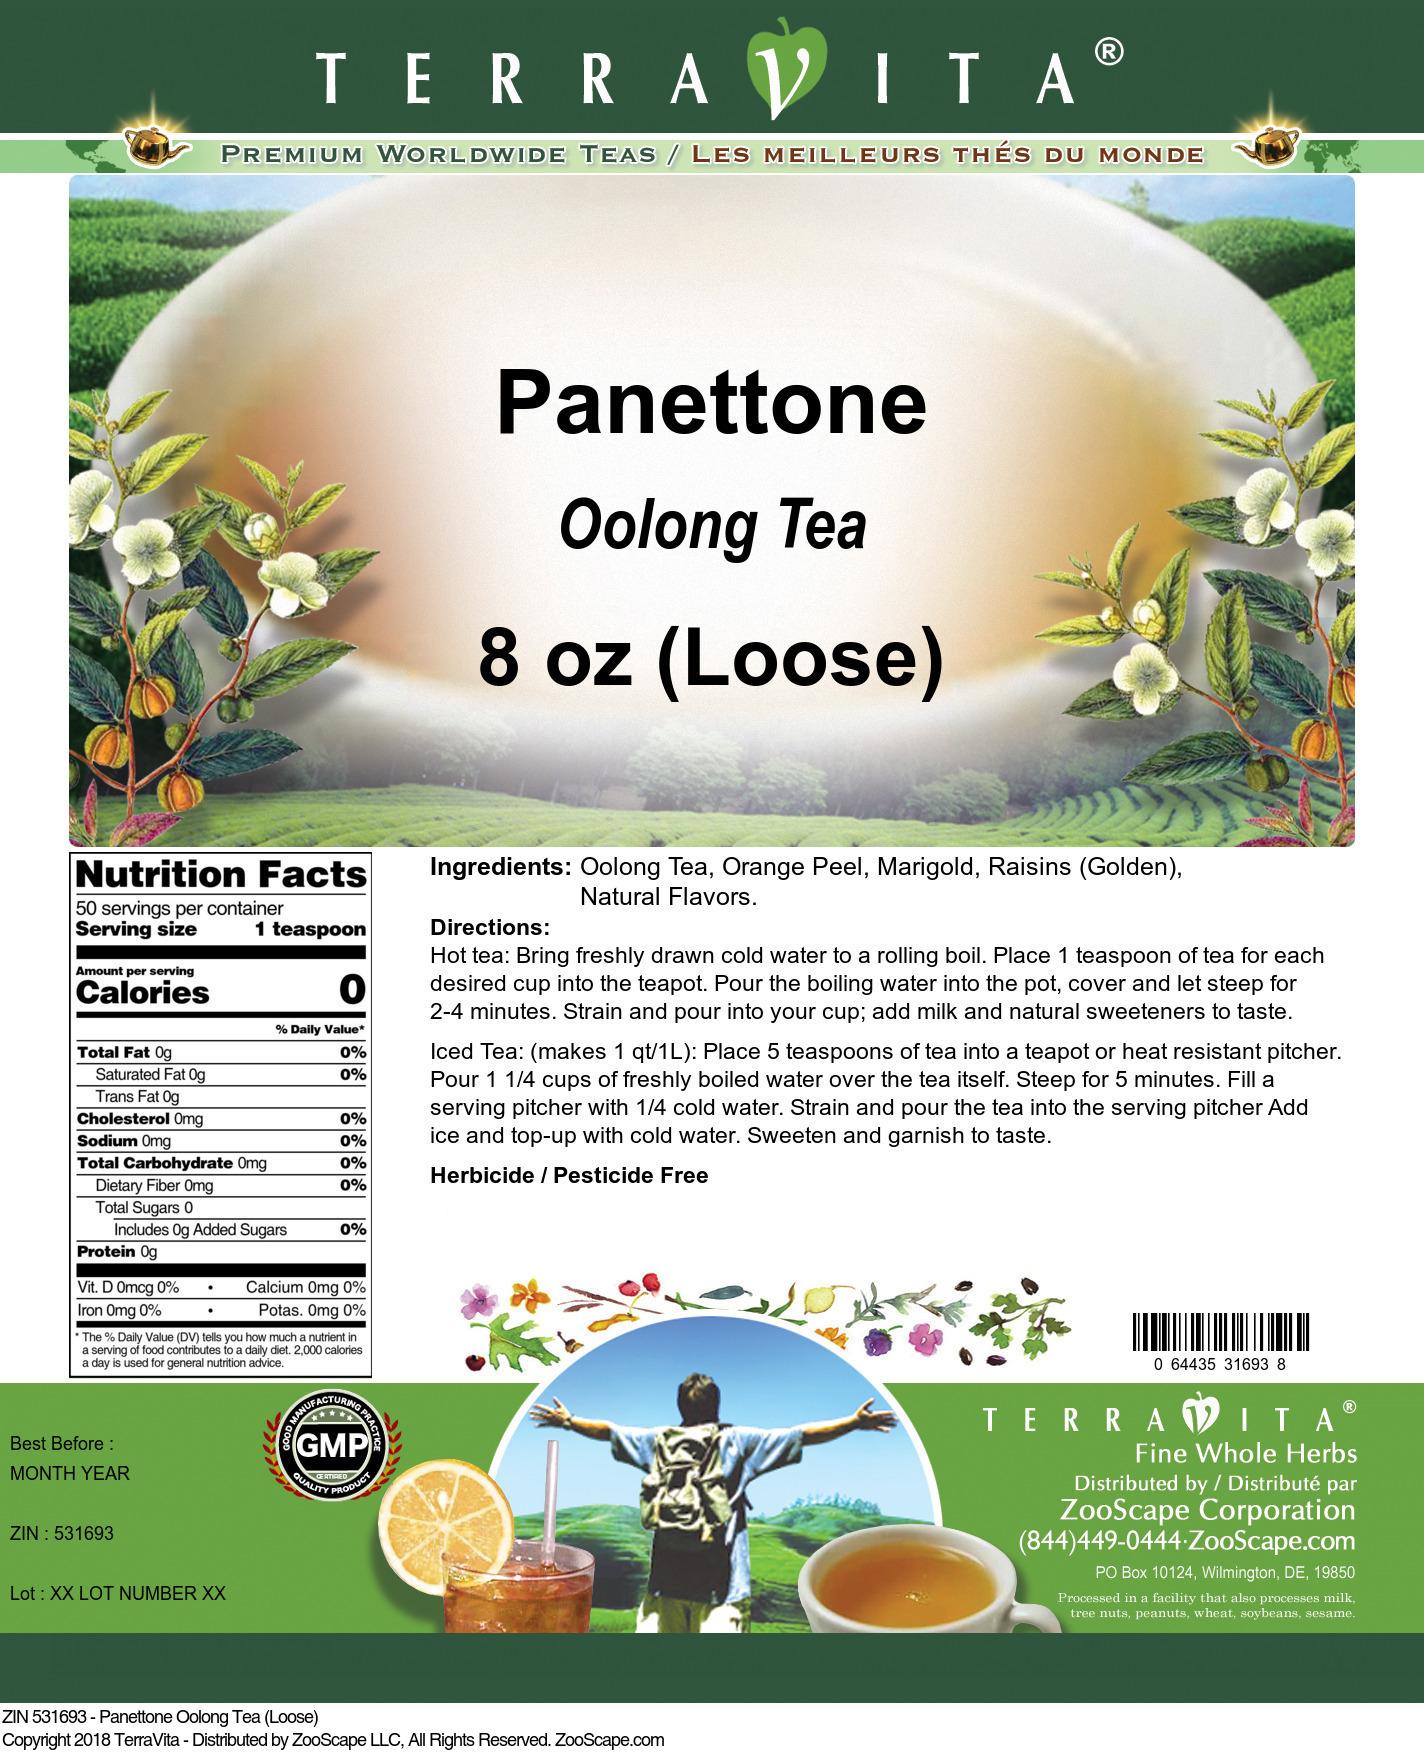 Panettone Oolong Tea (Loose)